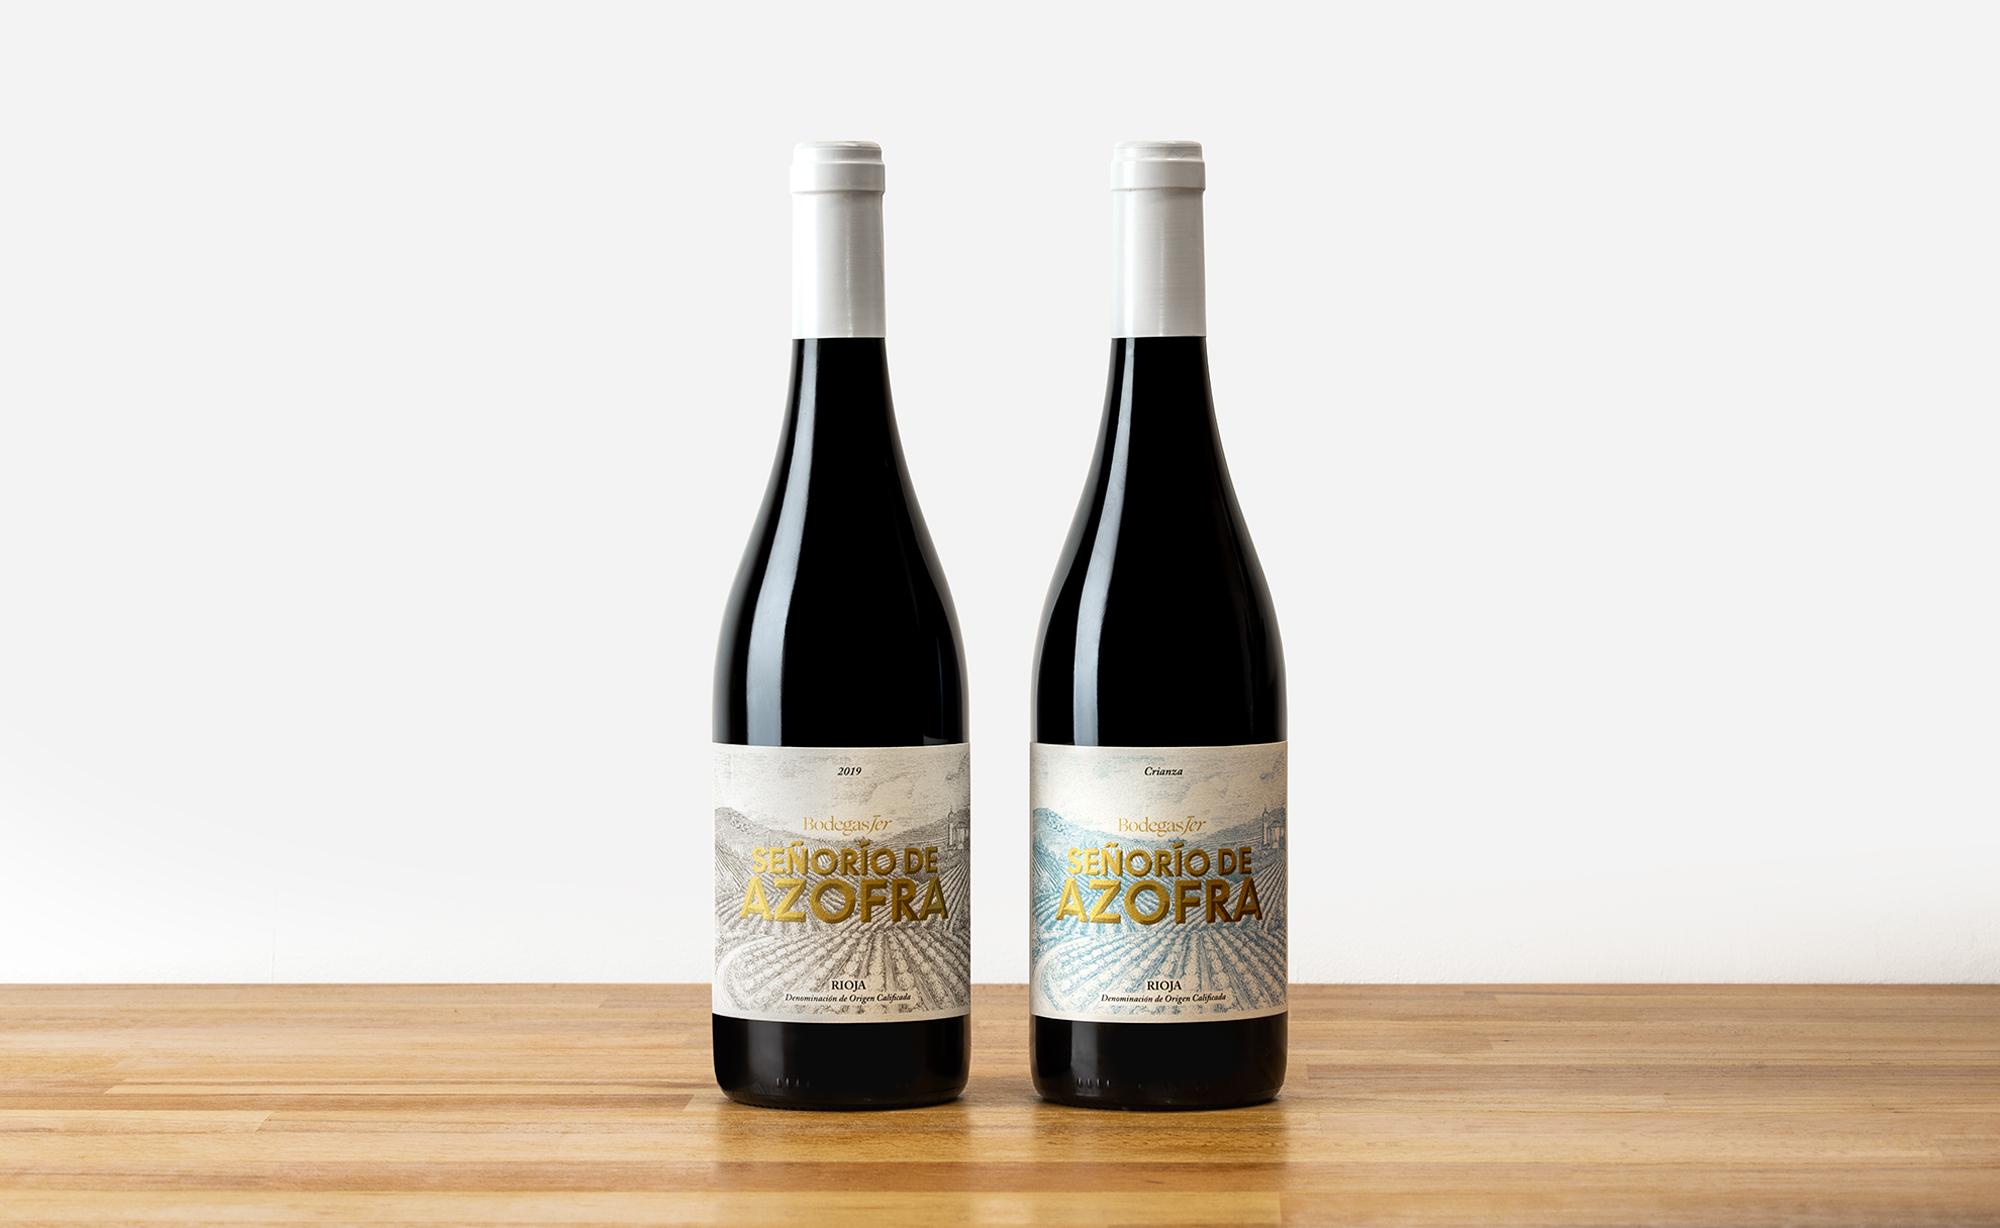 Diseño de etiquetas de vino Señorio de Azofra